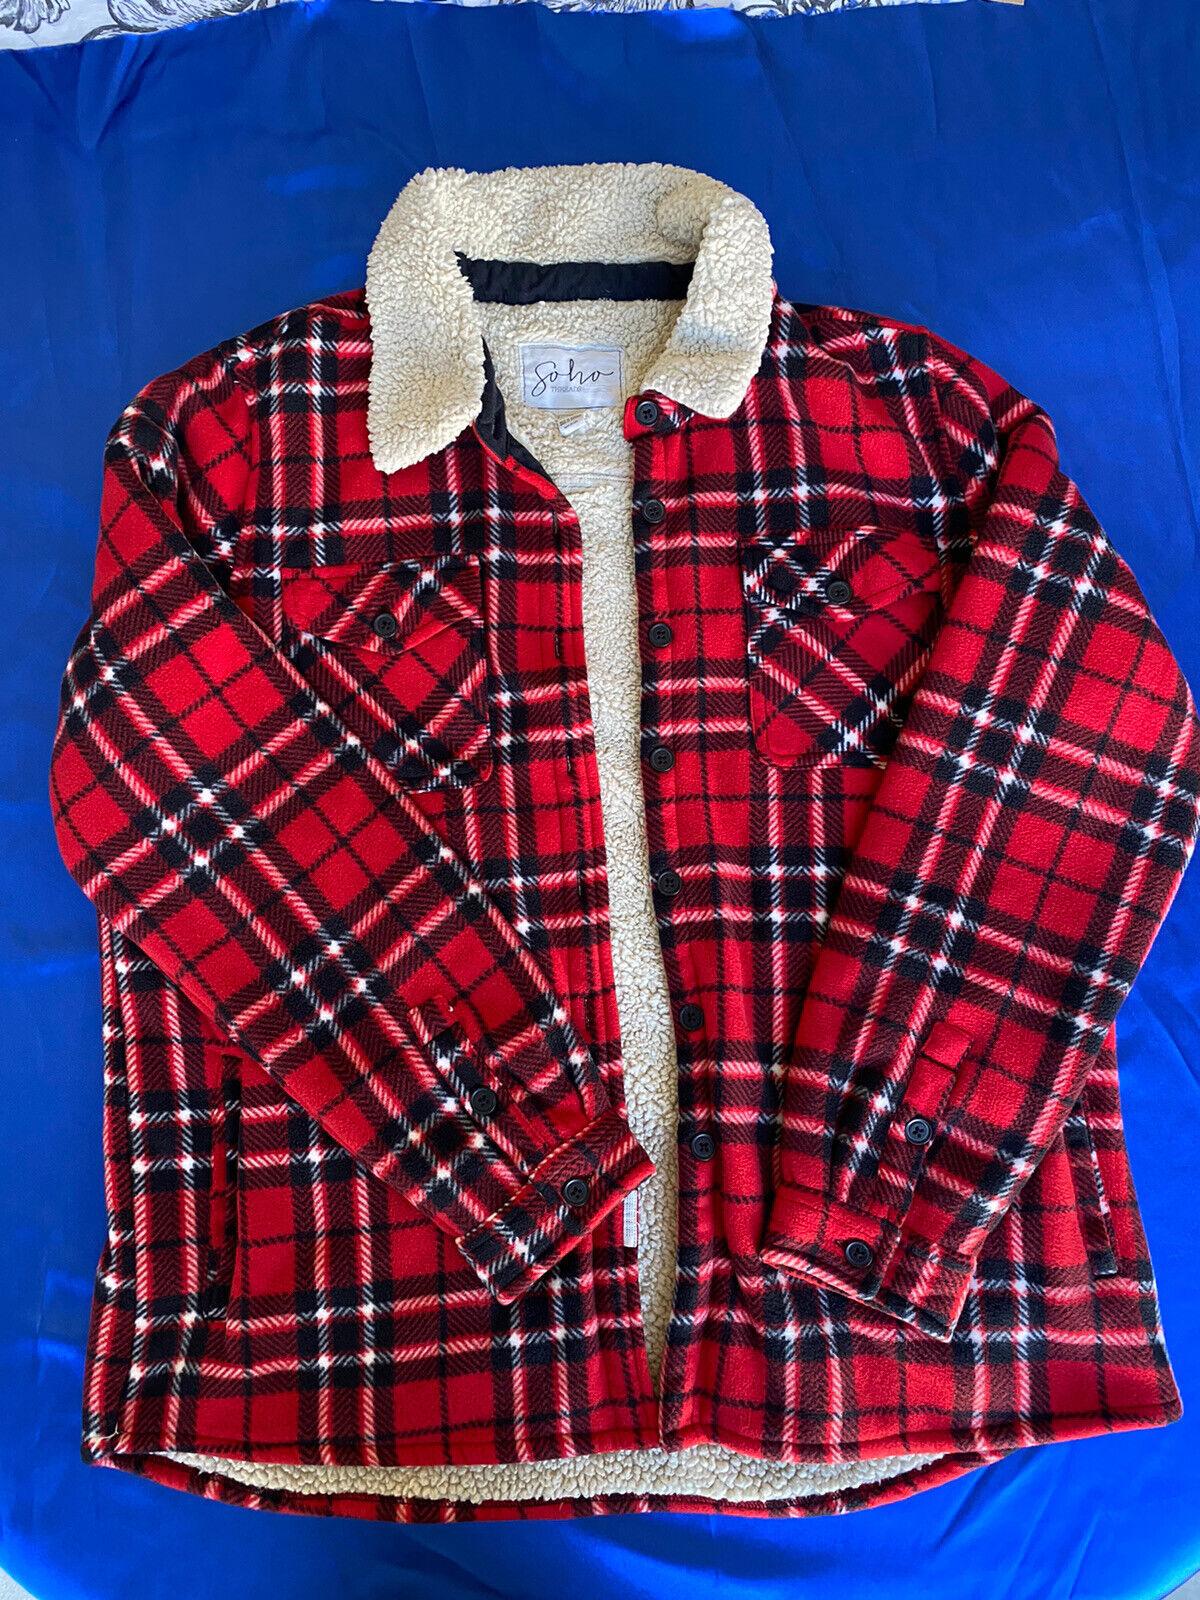 Soho Threads Ladies' Sherpa Lined Plaid Plush Shirt Comfy Cozy Jacket